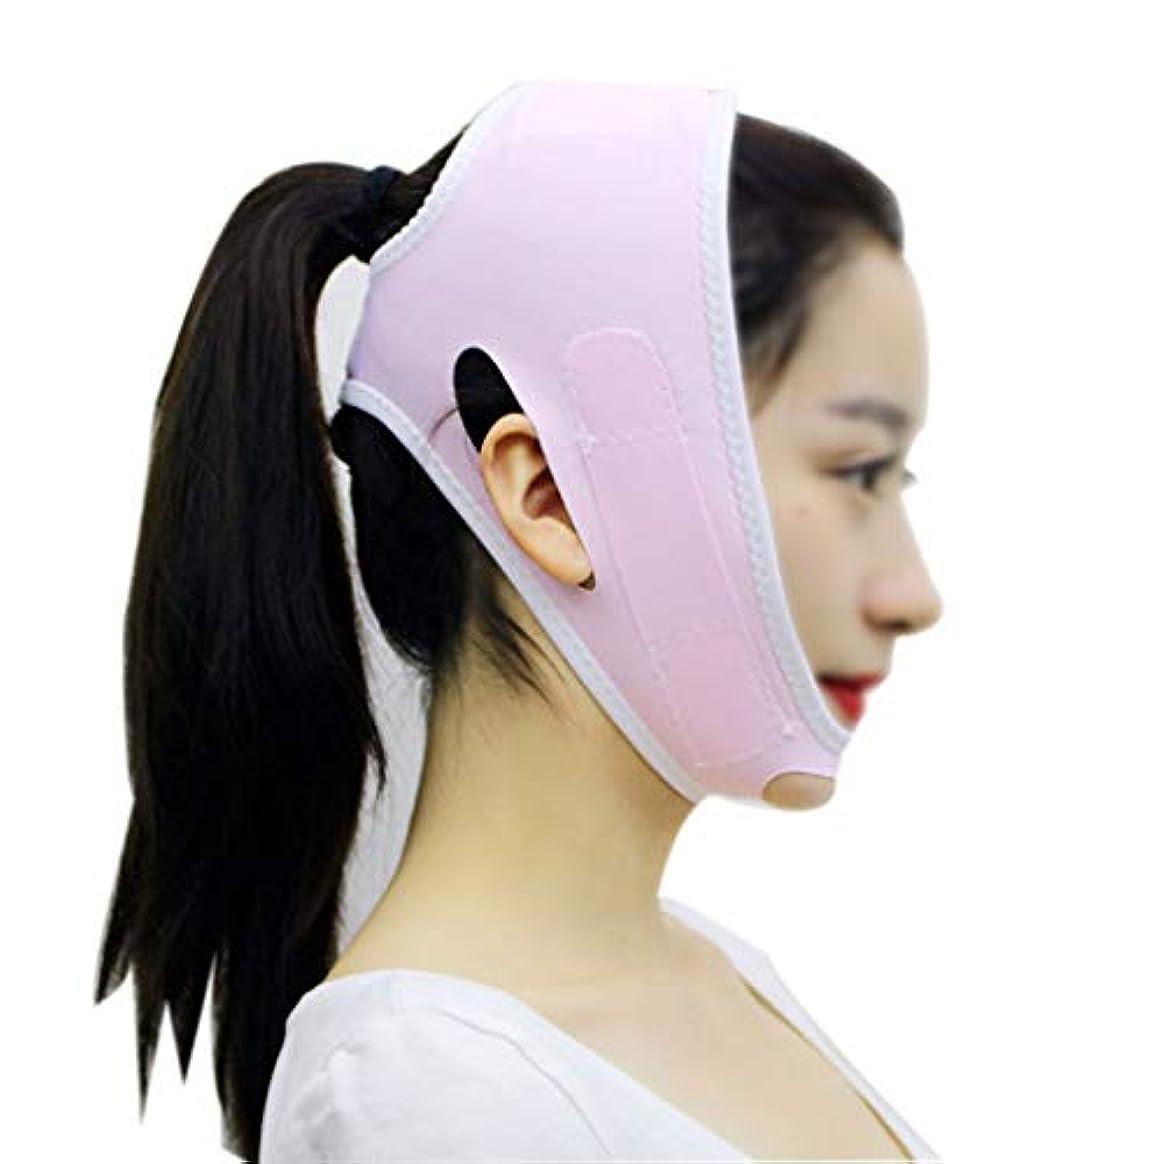 瞑想的さびた回路TLMY 引き締め肌の薄い二重あごマスクを強化するためのフェイスリフティング包帯回復マスク 顔用整形マスク (Color : Pink)